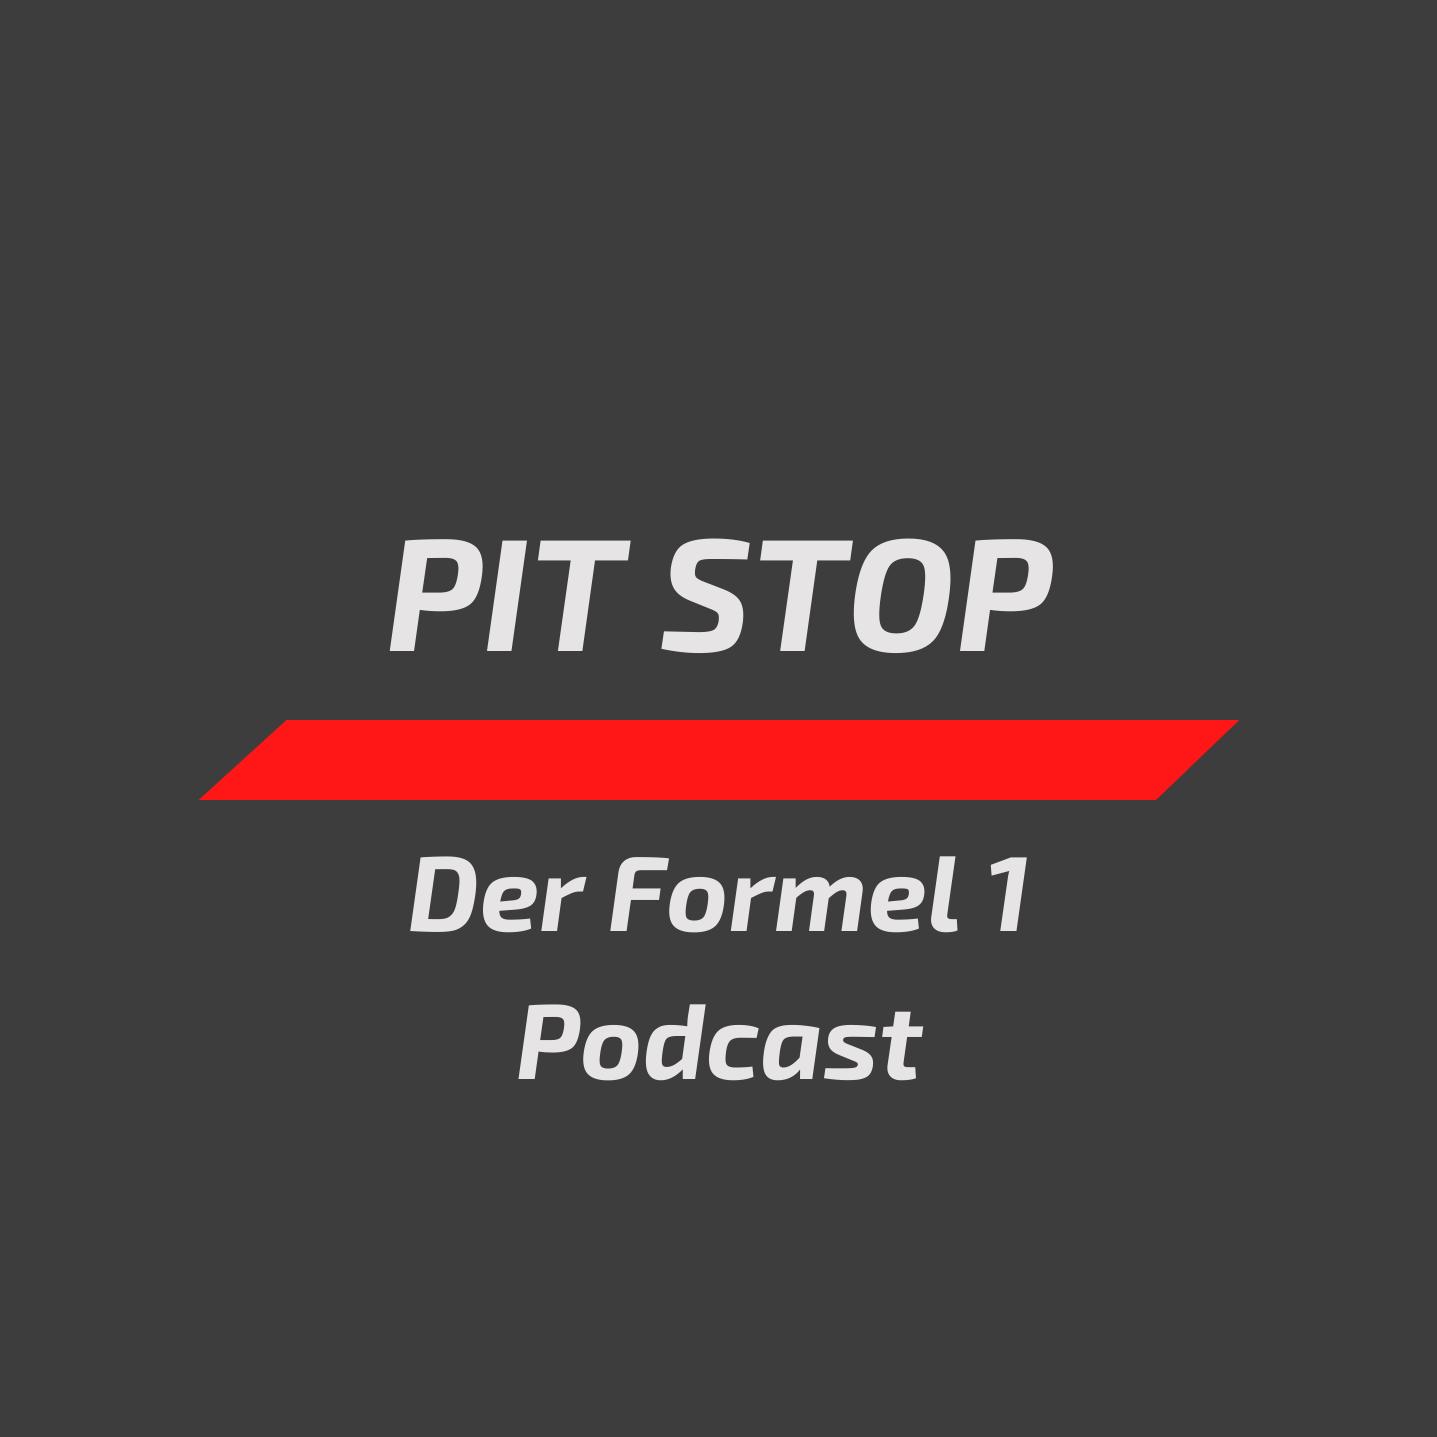 Pit Stop - Der Formel 1 Podcast